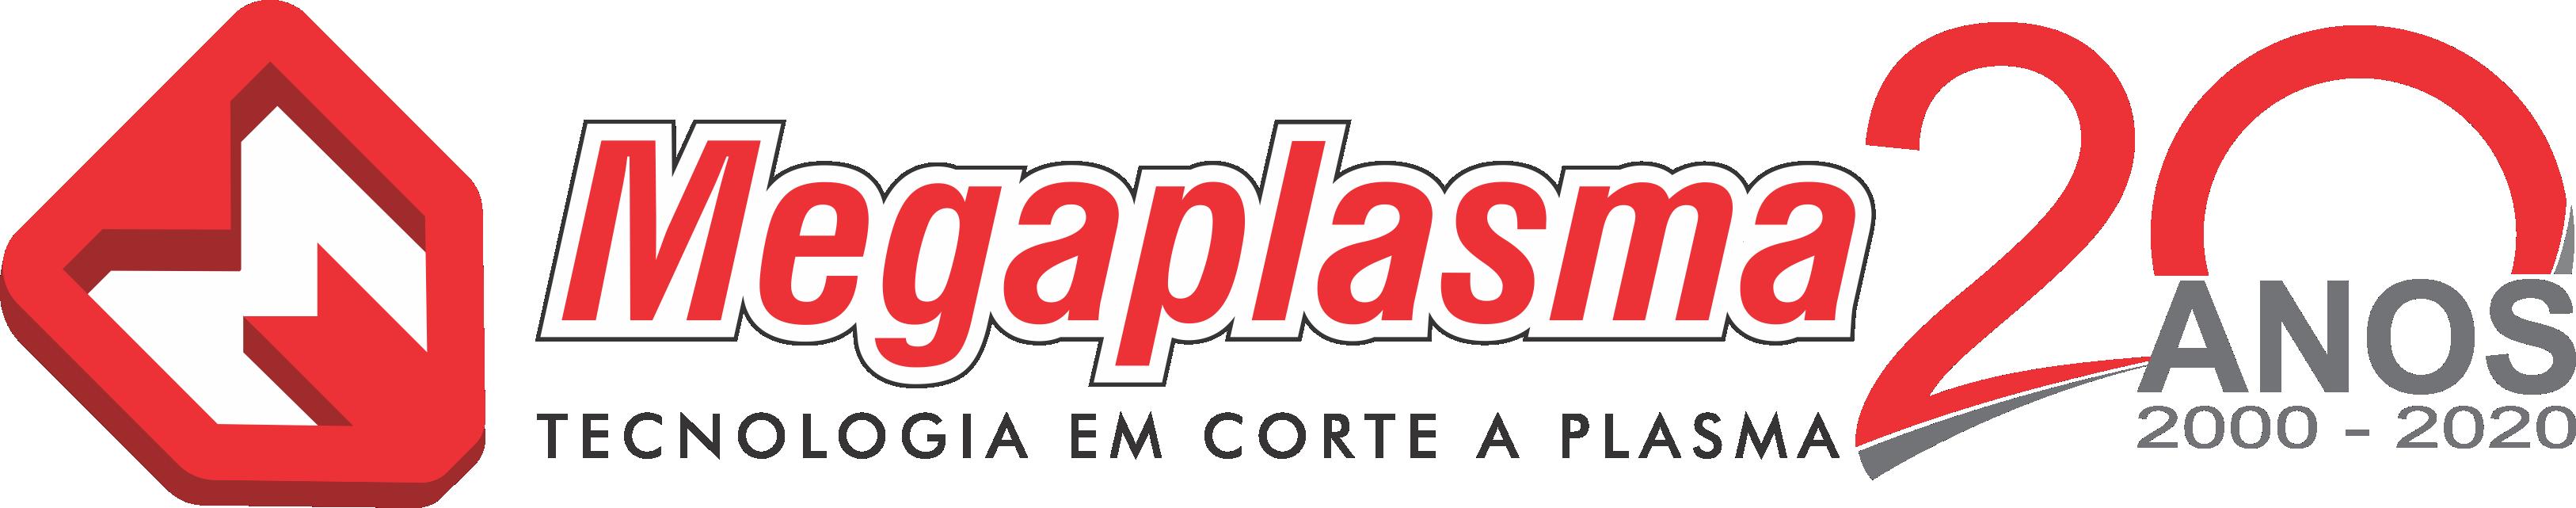 Megaplasma